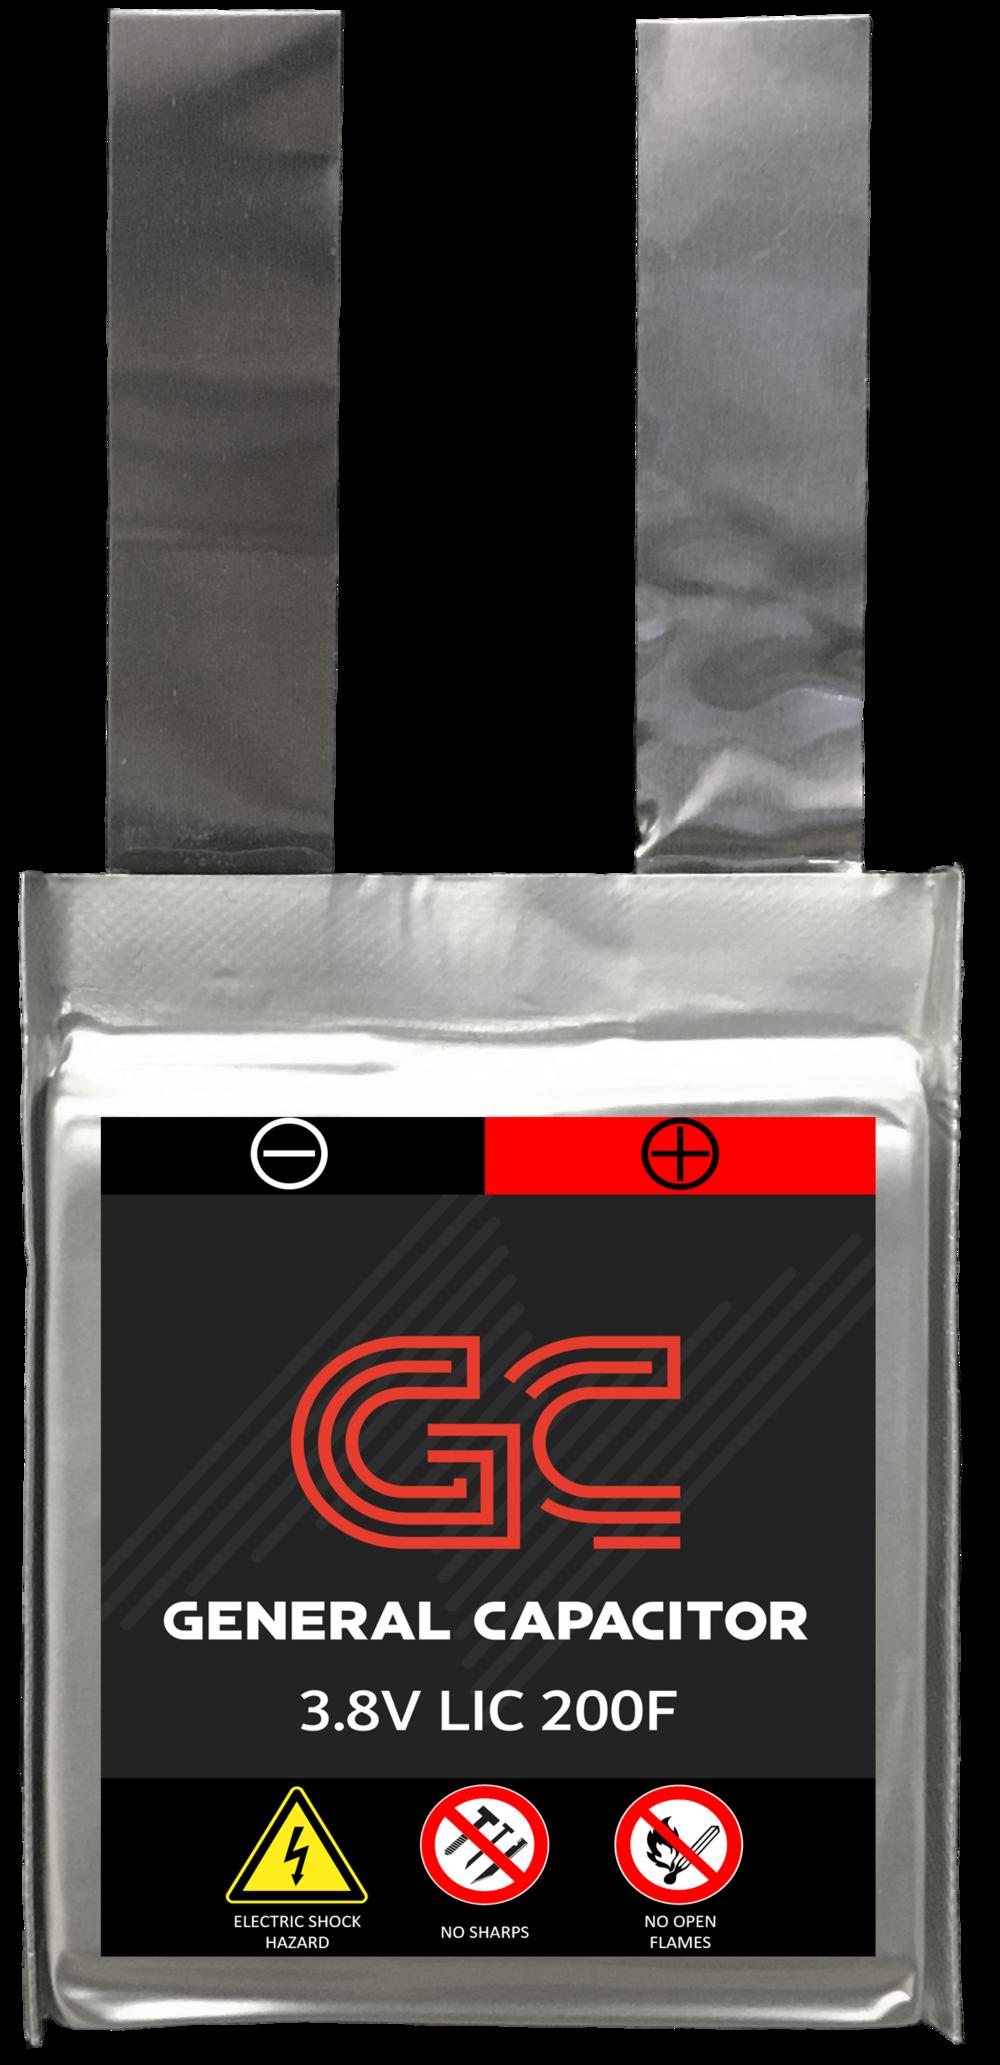 GC 3.8V LIC 200F